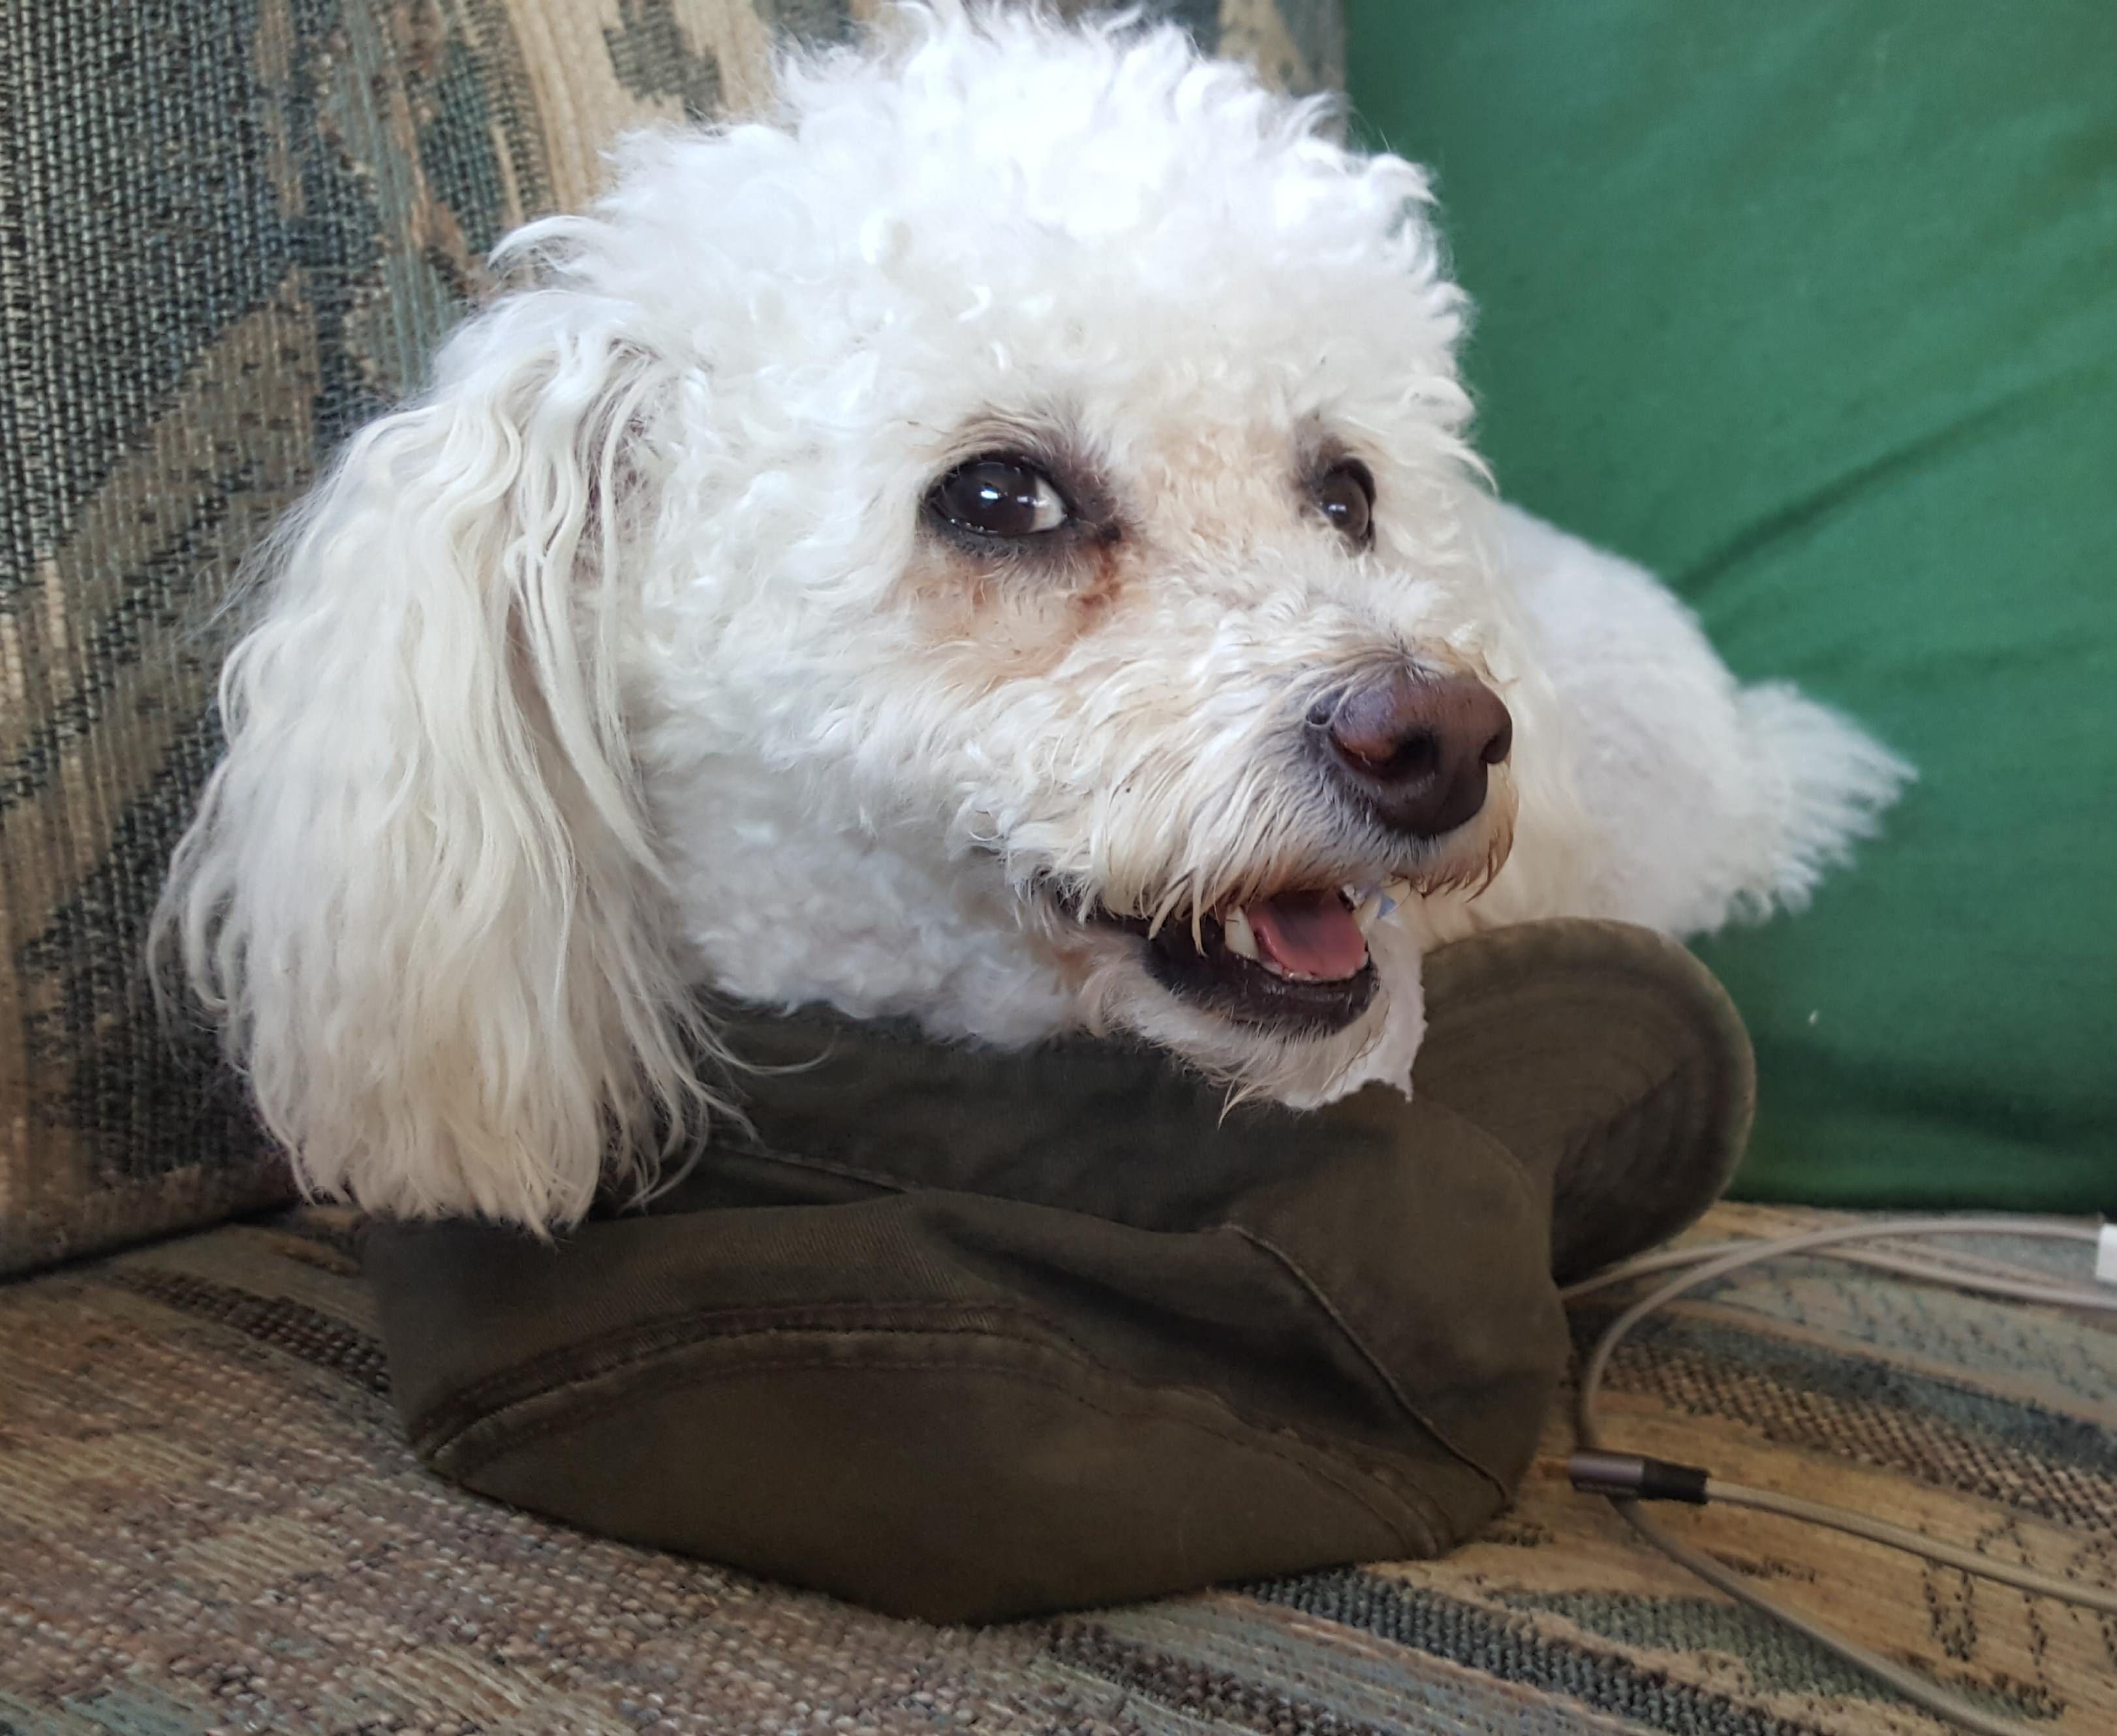 Dog? Not dog hat.